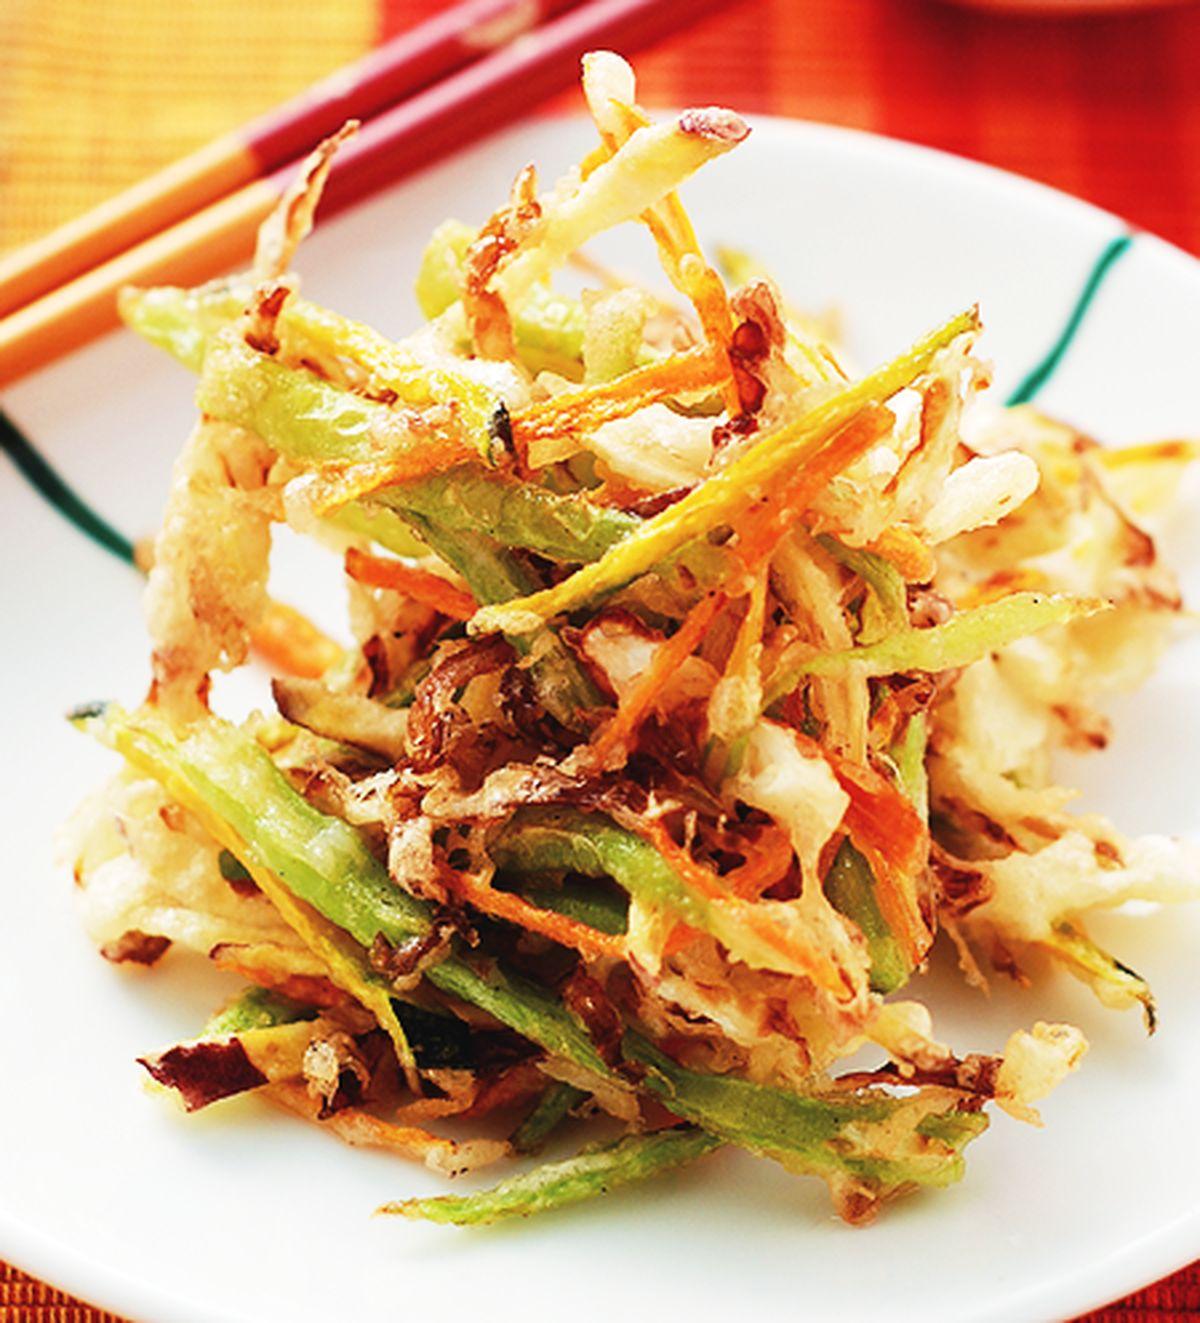 食譜:酥炸蔬菜